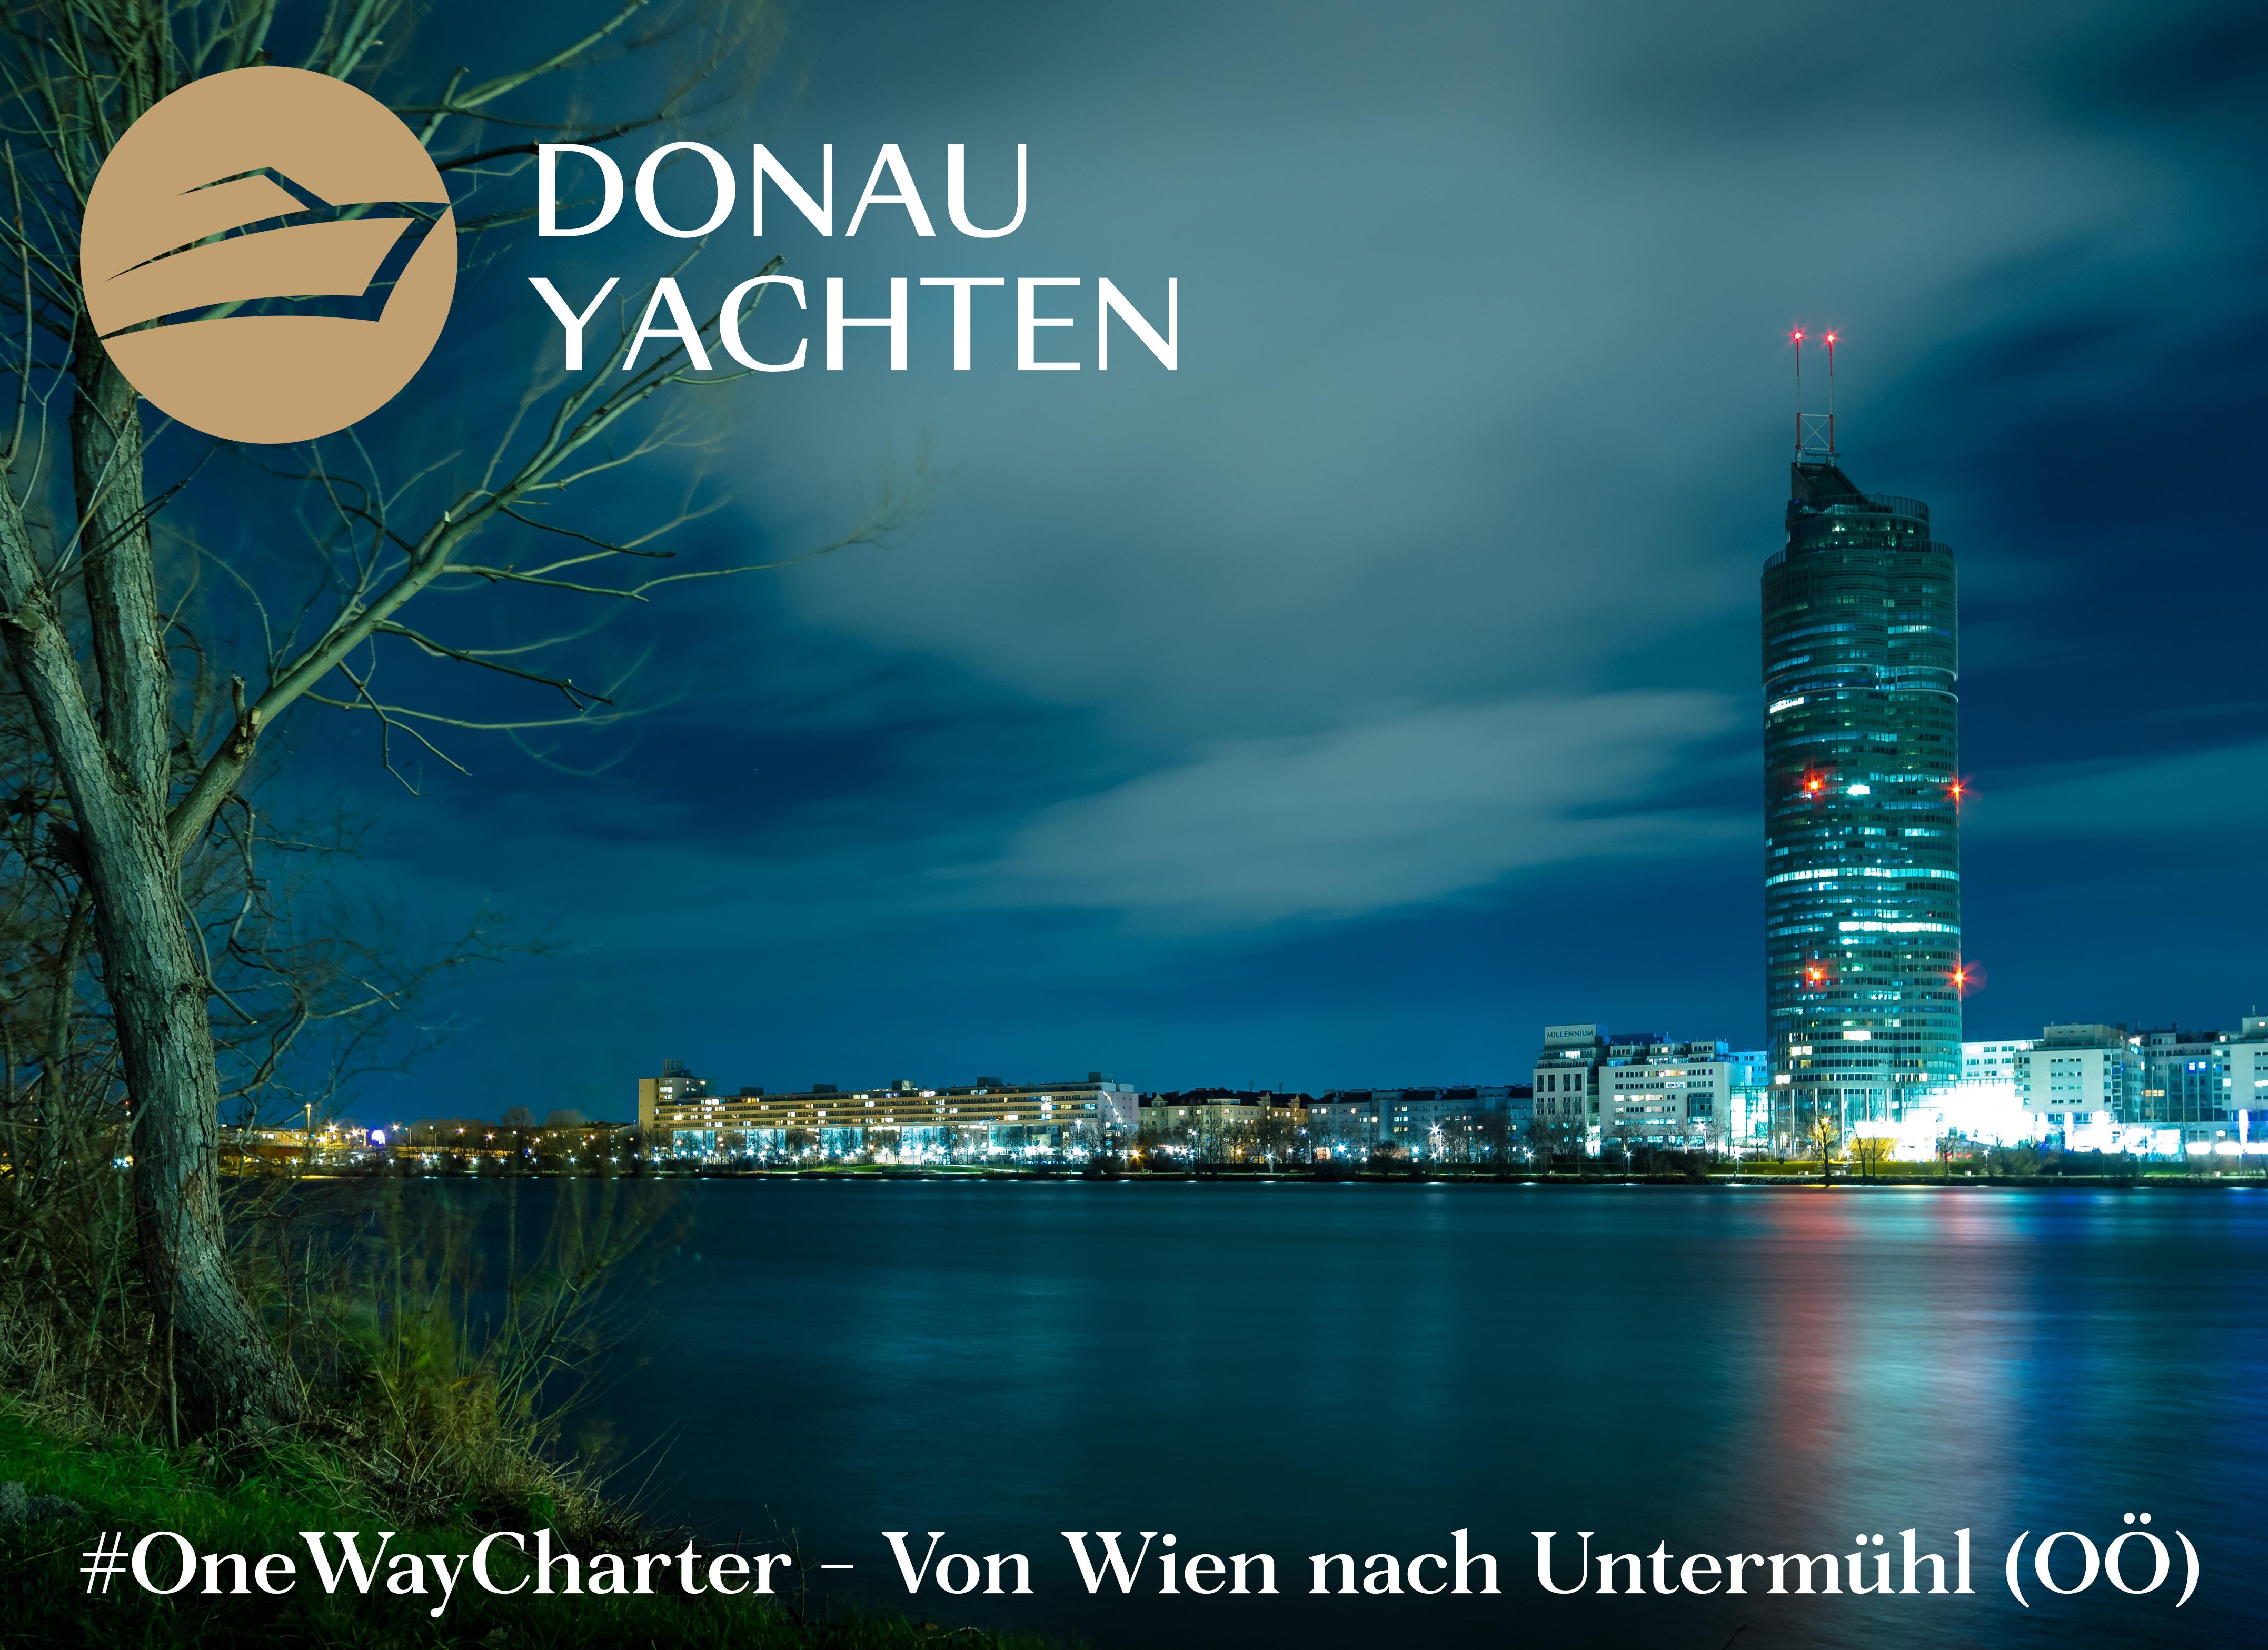 OneWayCharter Wien Untermühl Donau Yachten